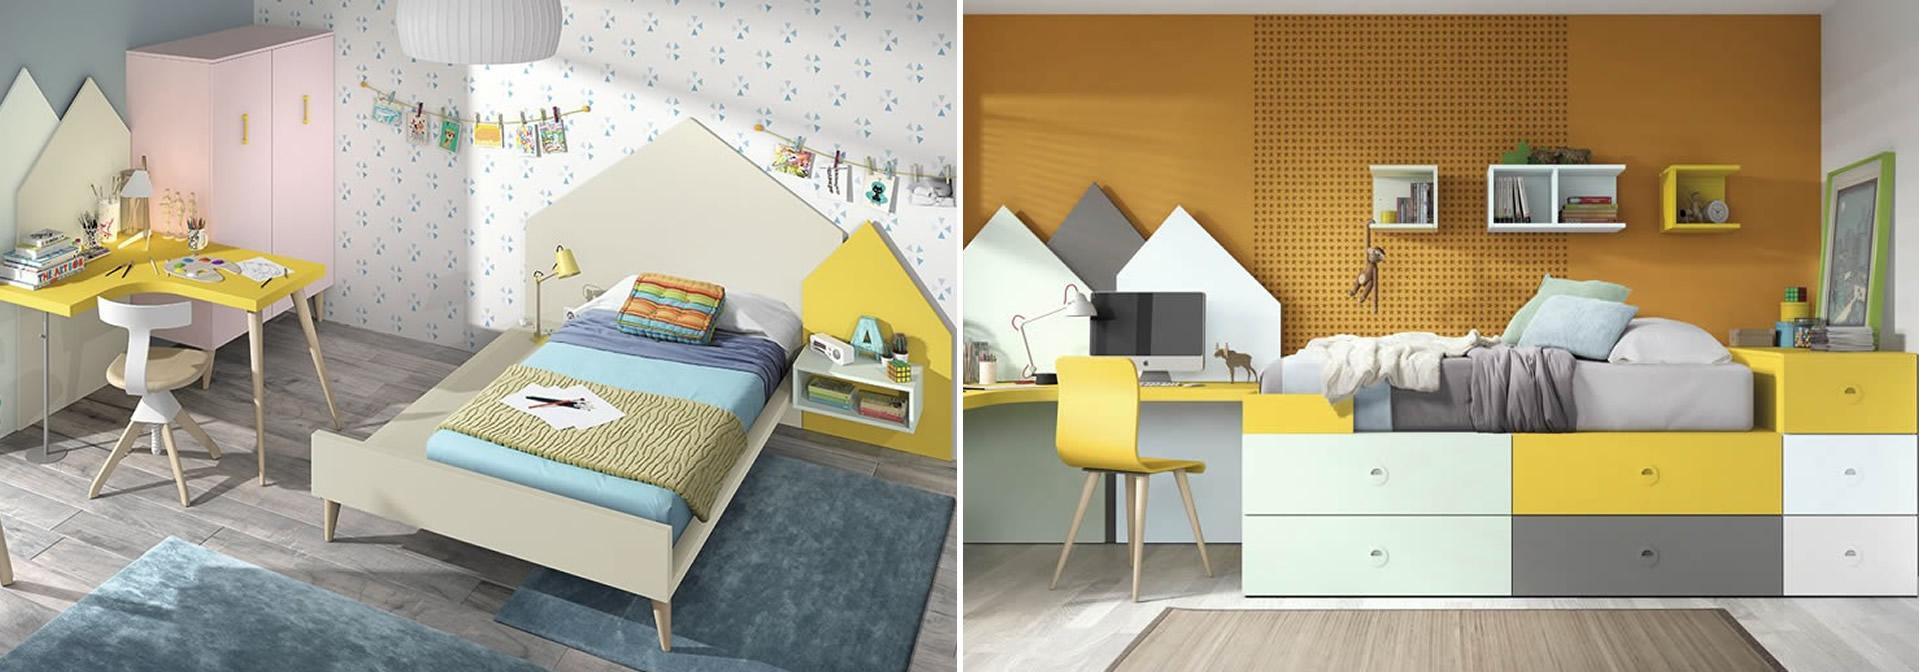 Muebles La Guia________muebles Para Todos Los Estilos Al Mejor  # Muebles La Guia Tui